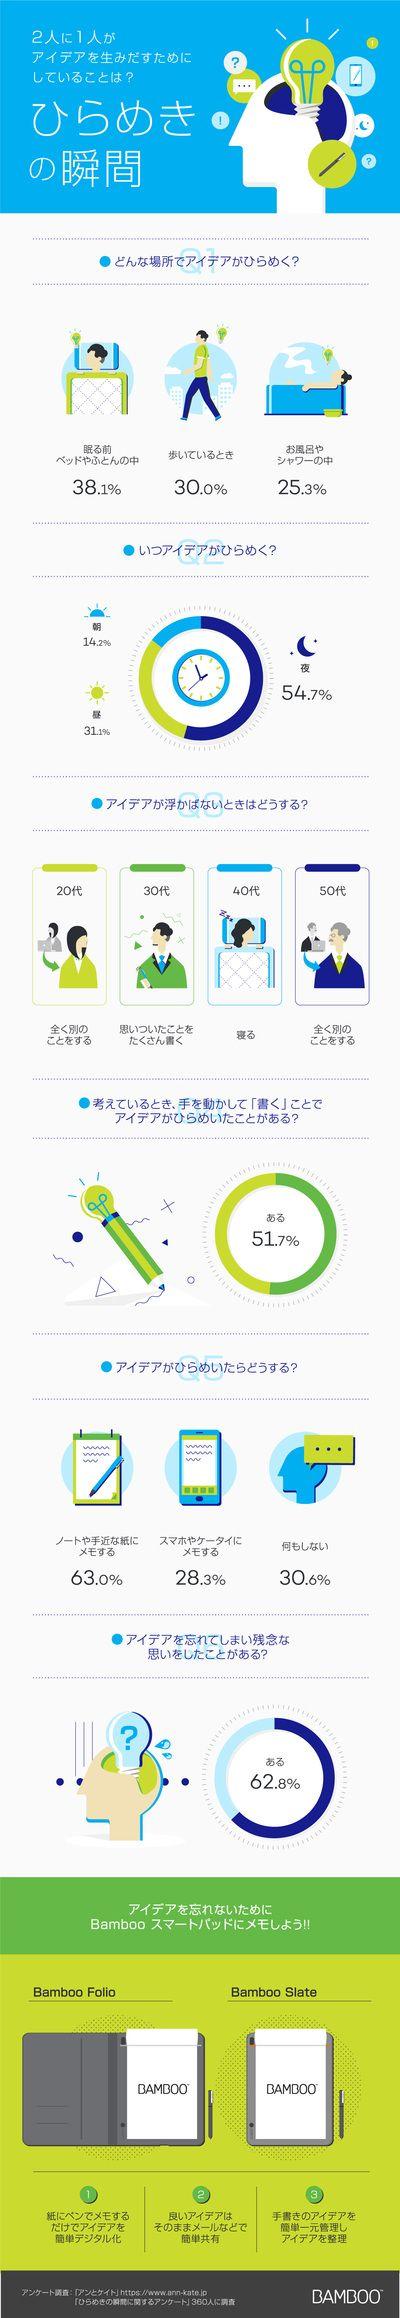 アイデアを生みだすためにしていることは?ひらめきの瞬間 infographics wacom Bamboo http://bamboo.wacom.com/ja/light-bulb-moment/ インフォグラフィックス-infogra.me(インフォグラミー)